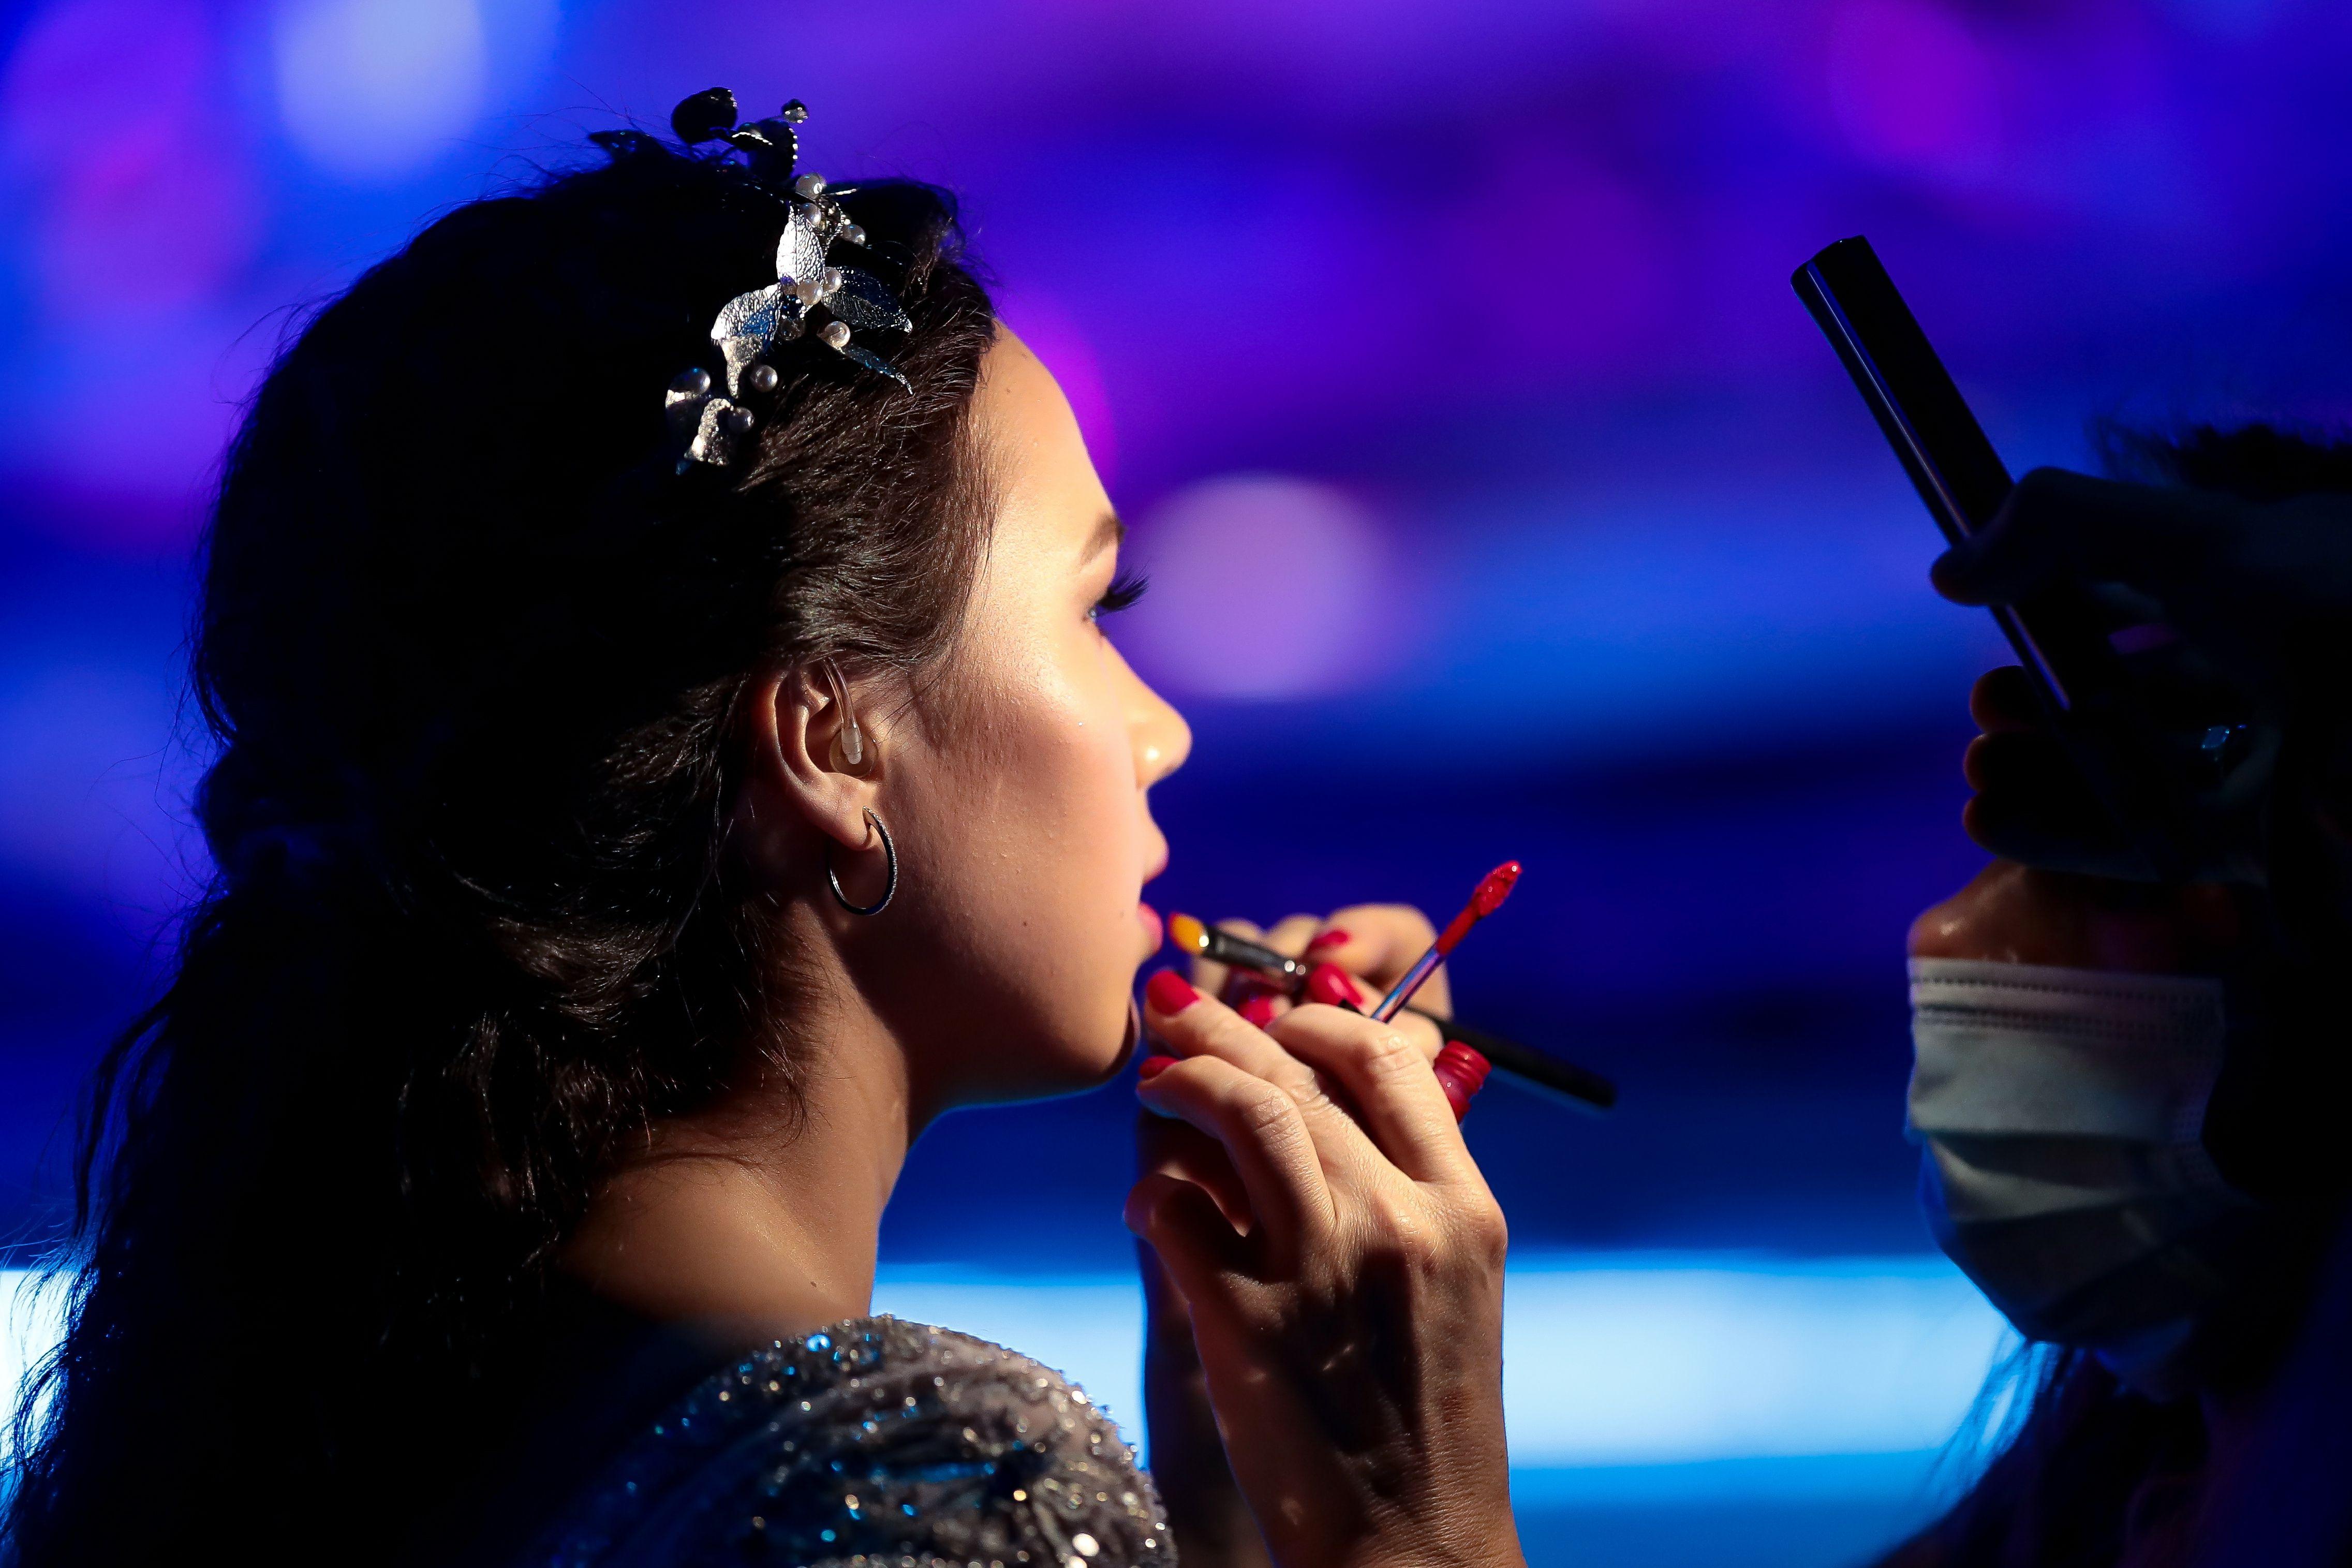 Загитова - о роли ведущей: 'От меня требовали задавать провокационные вопросы'